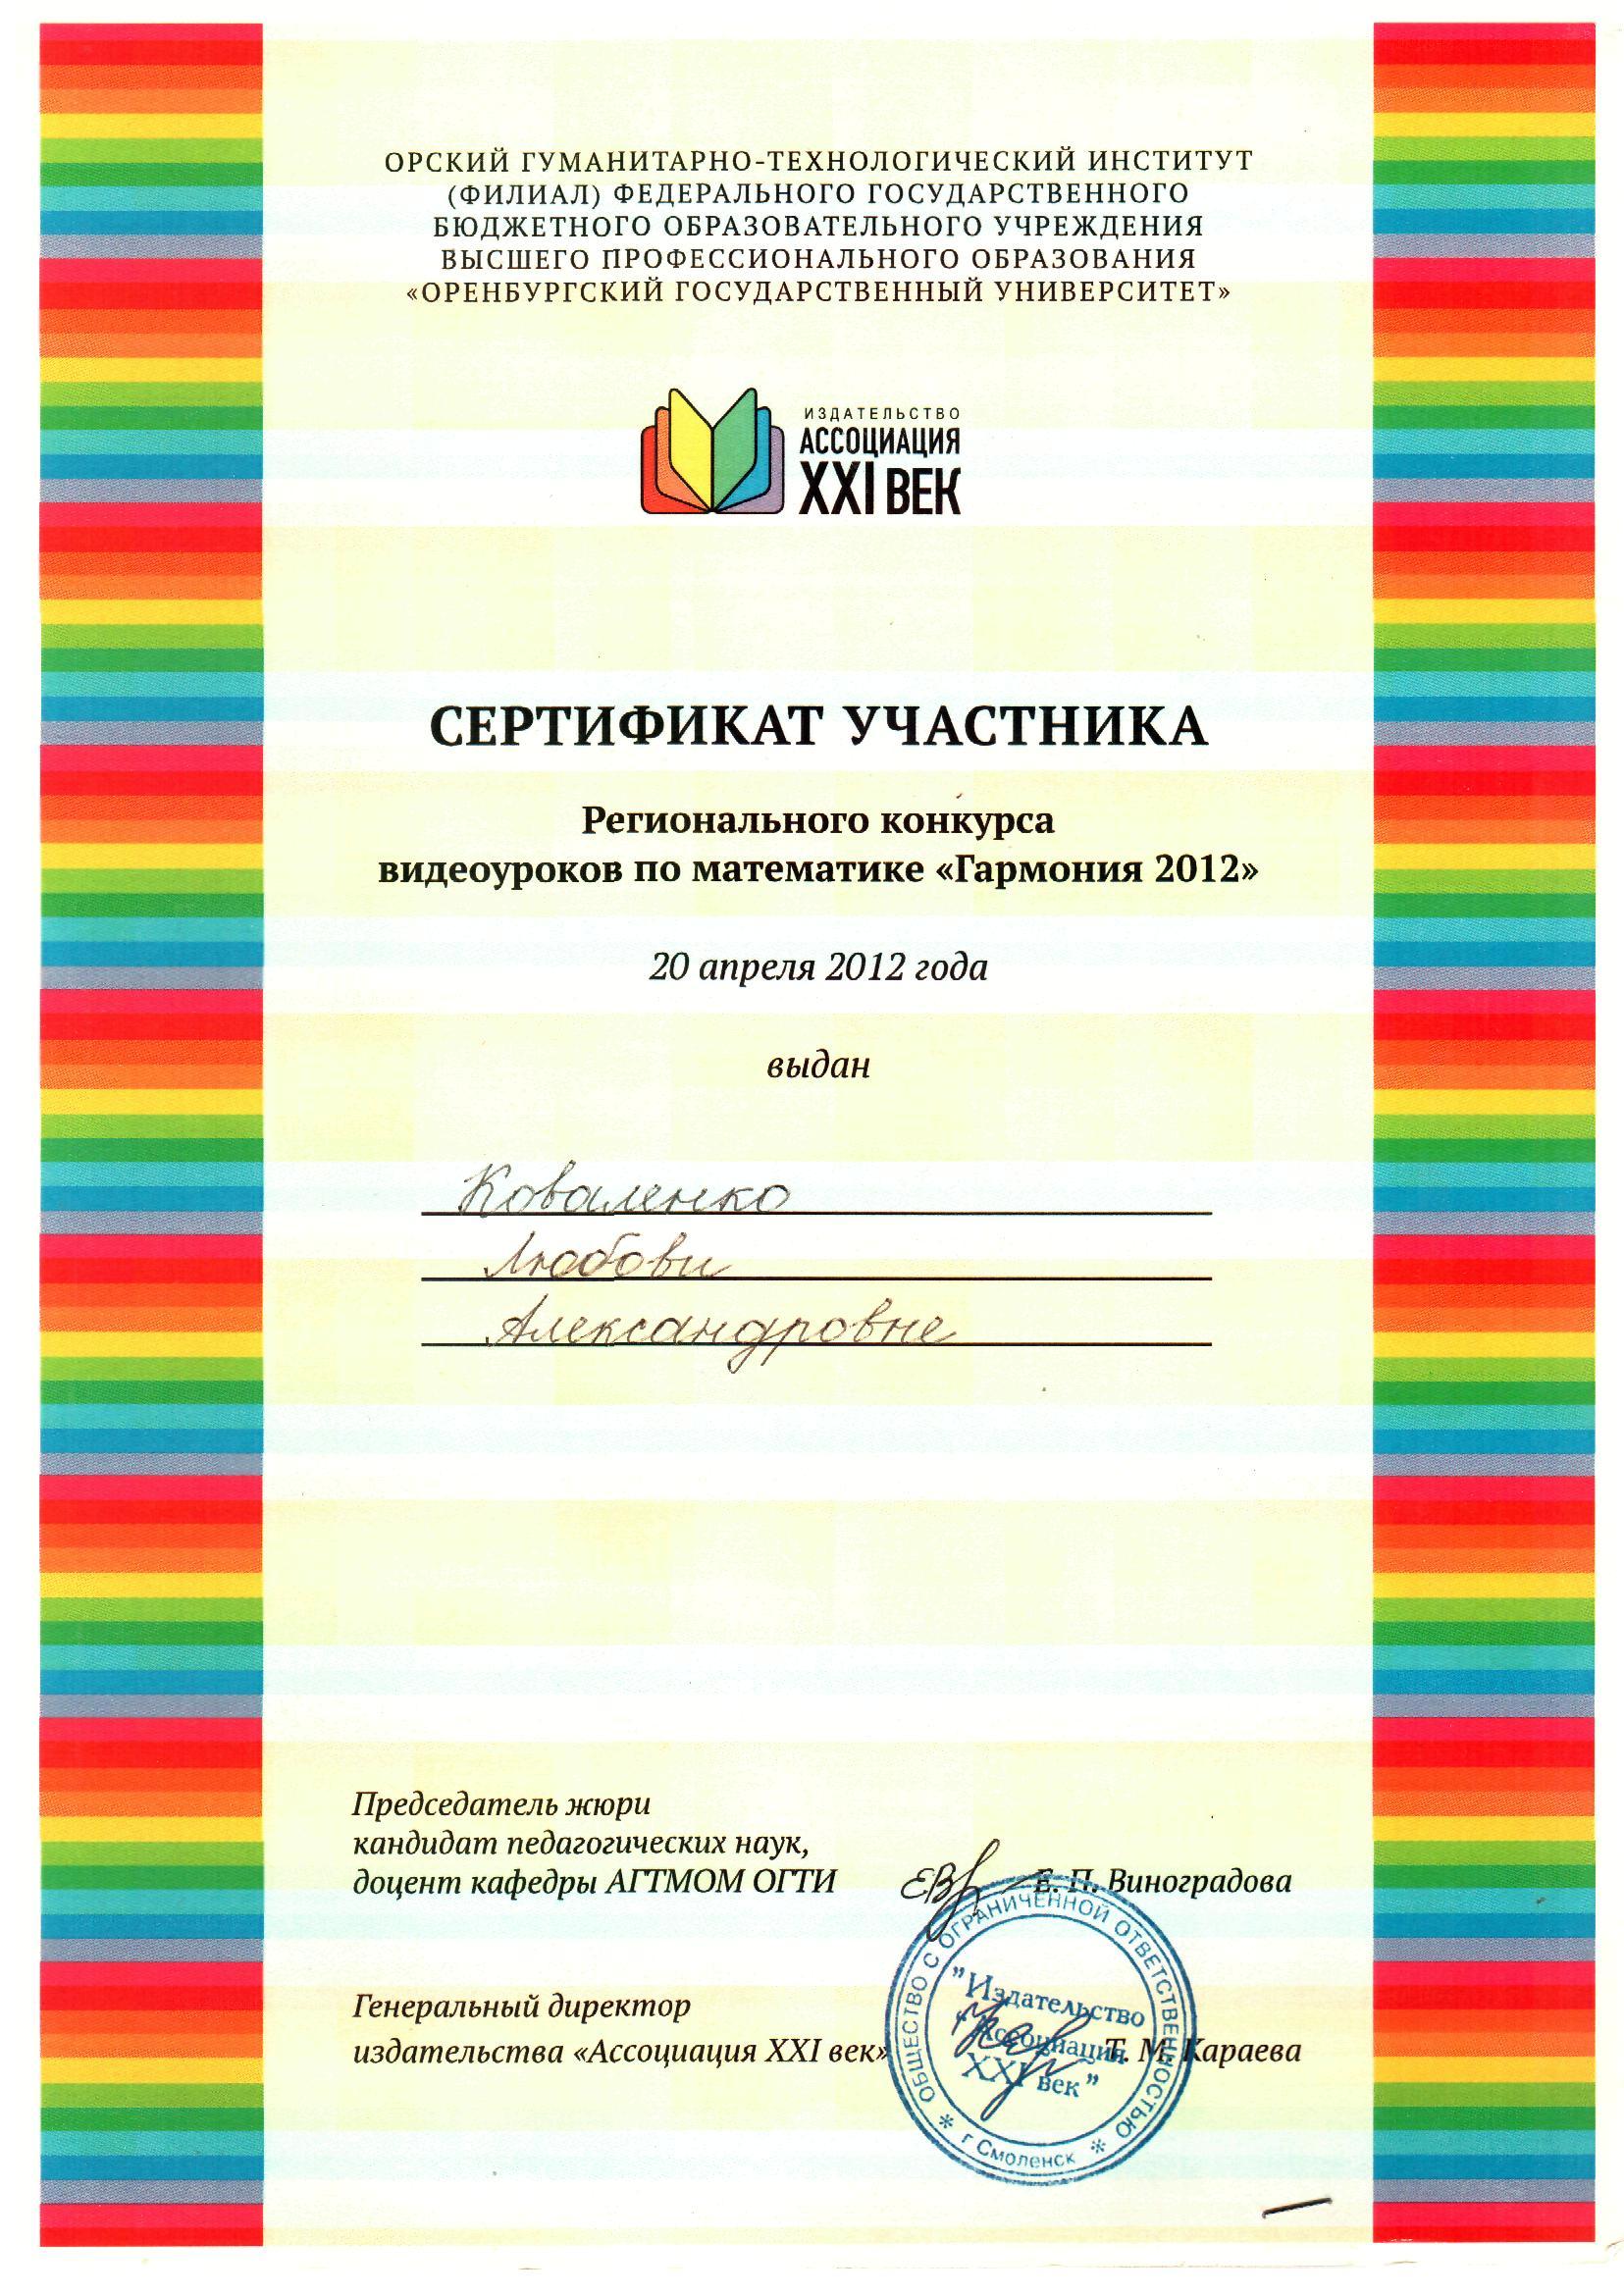 F:\грамоты\sergei_752@mail.ru\helios84@mail.ru\коваленко0010.jpg